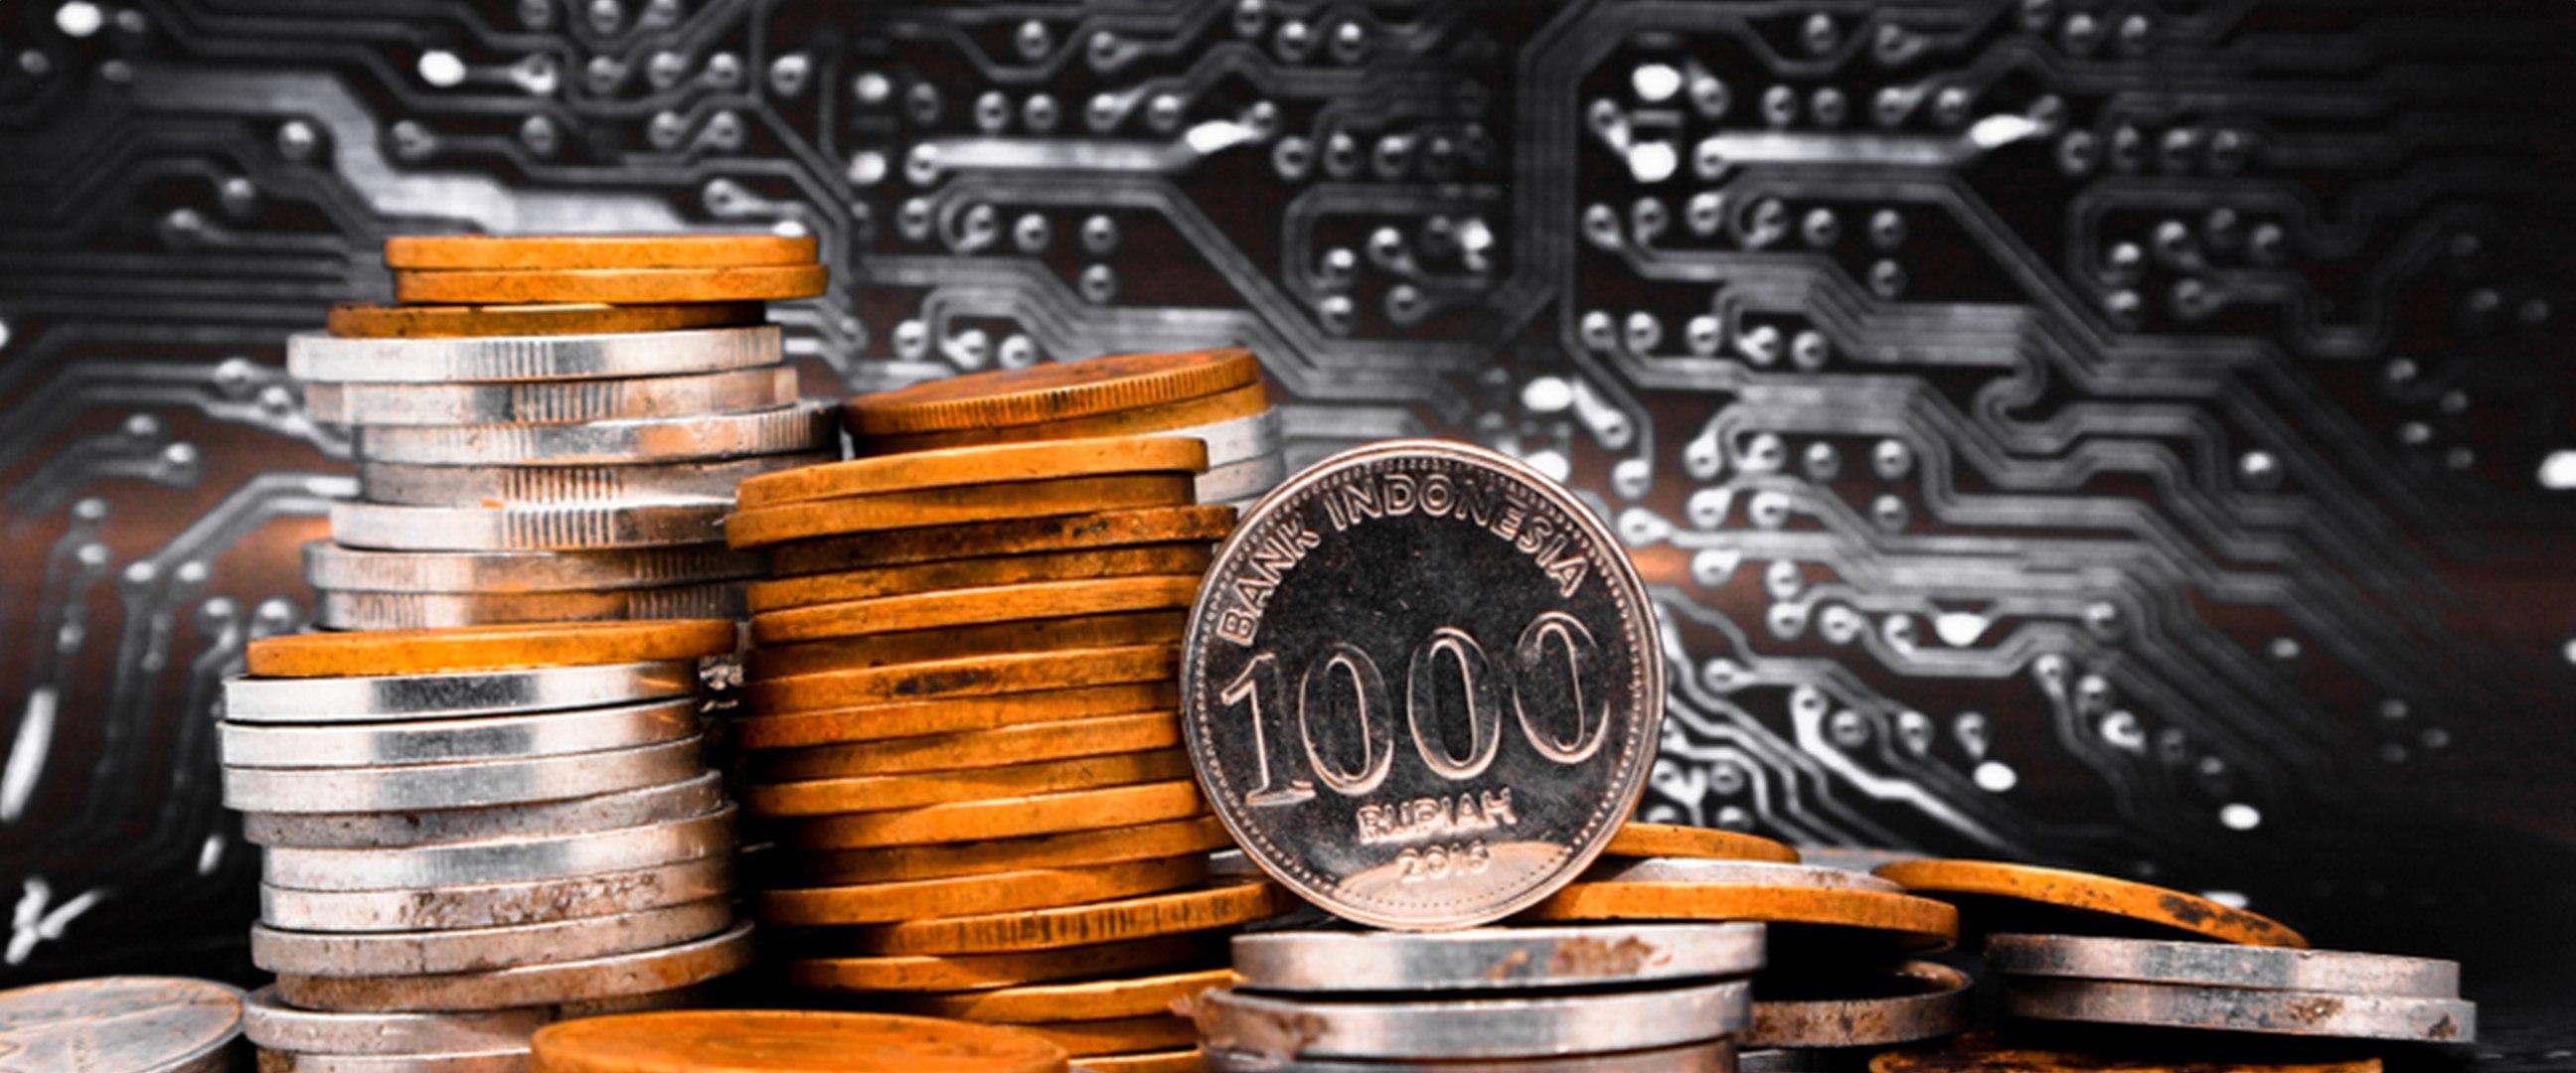 5 Cara bikin Rp 1.000 di dompetmu tetap bermanfaat di 2020